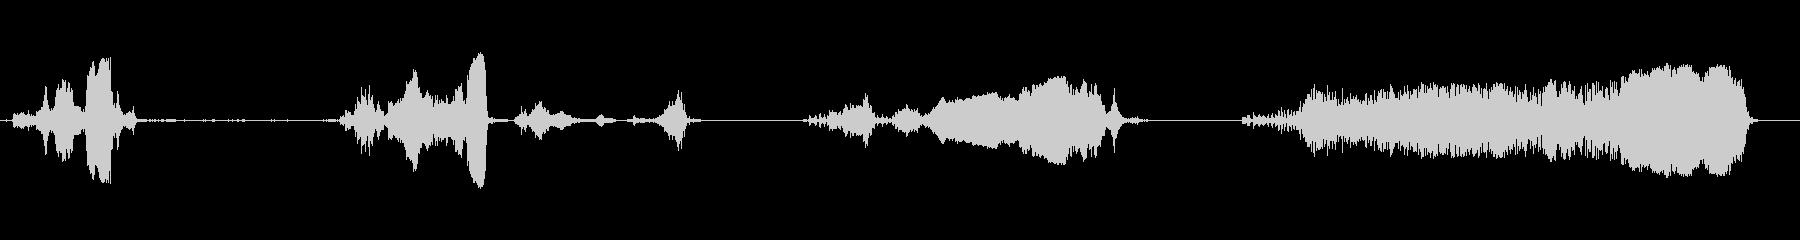 ロシアのイノシシ:他の野生動物の鳴き声の未再生の波形